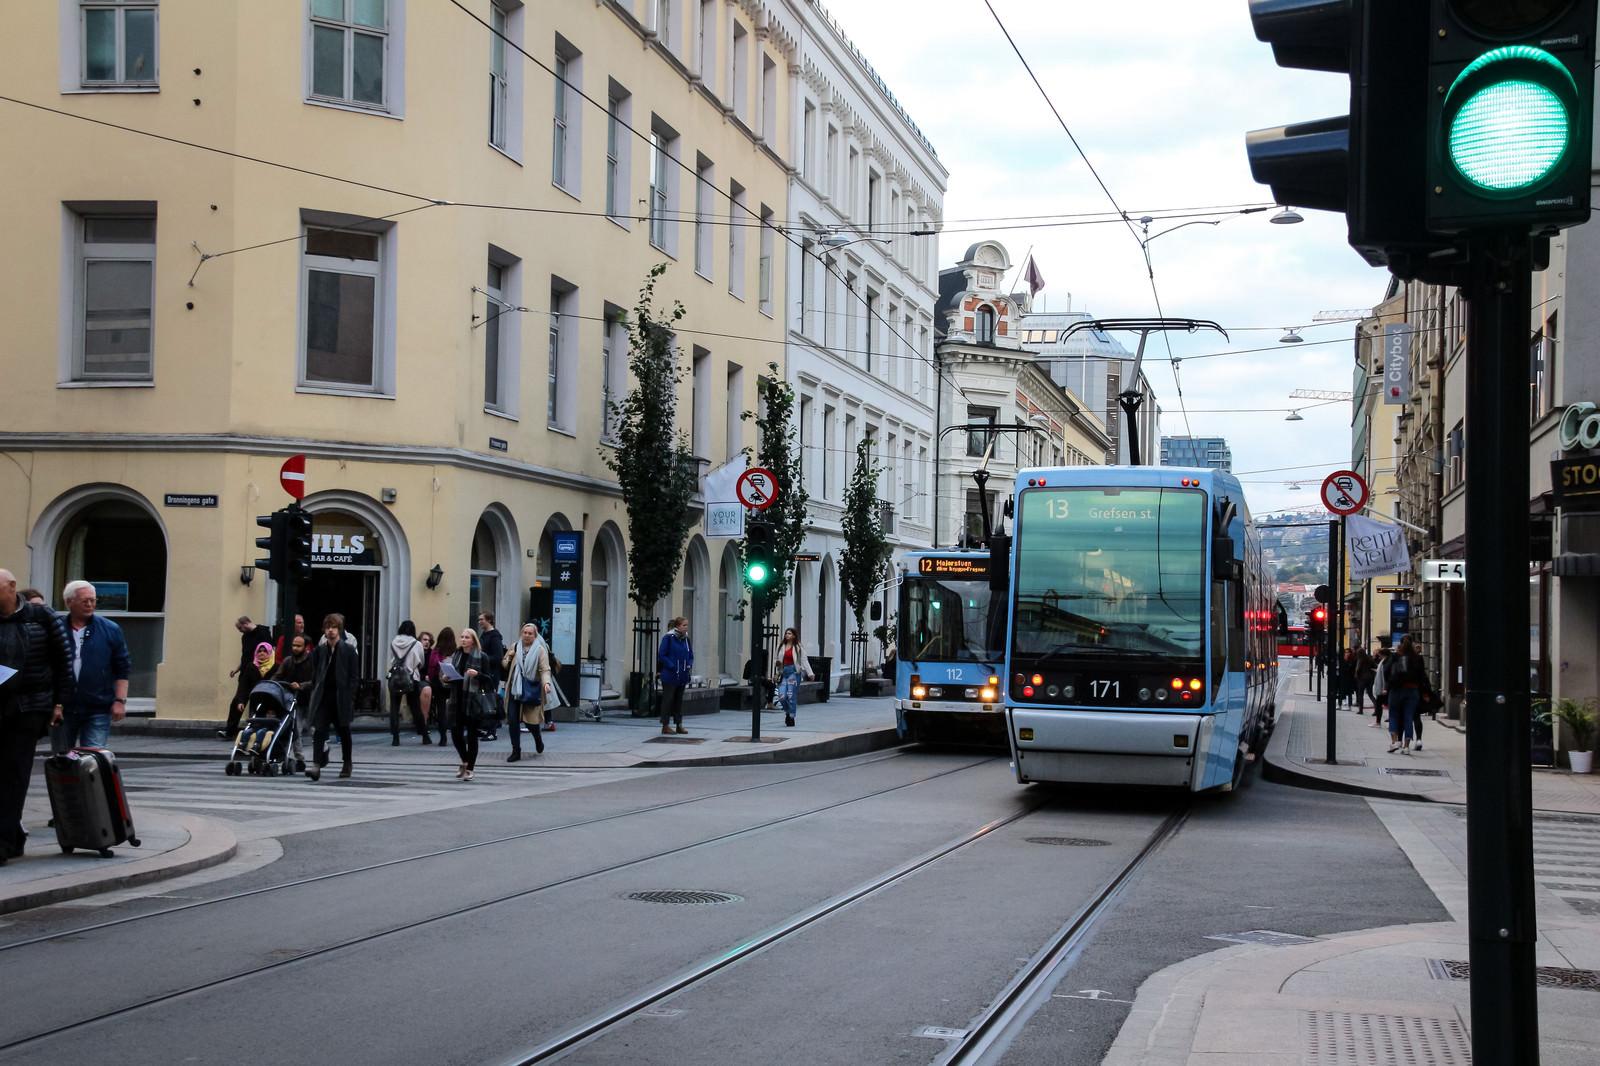 「オスロの街を走る路面電車(ノルウェー)オスロの街を走る路面電車(ノルウェー)」のフリー写真素材を拡大